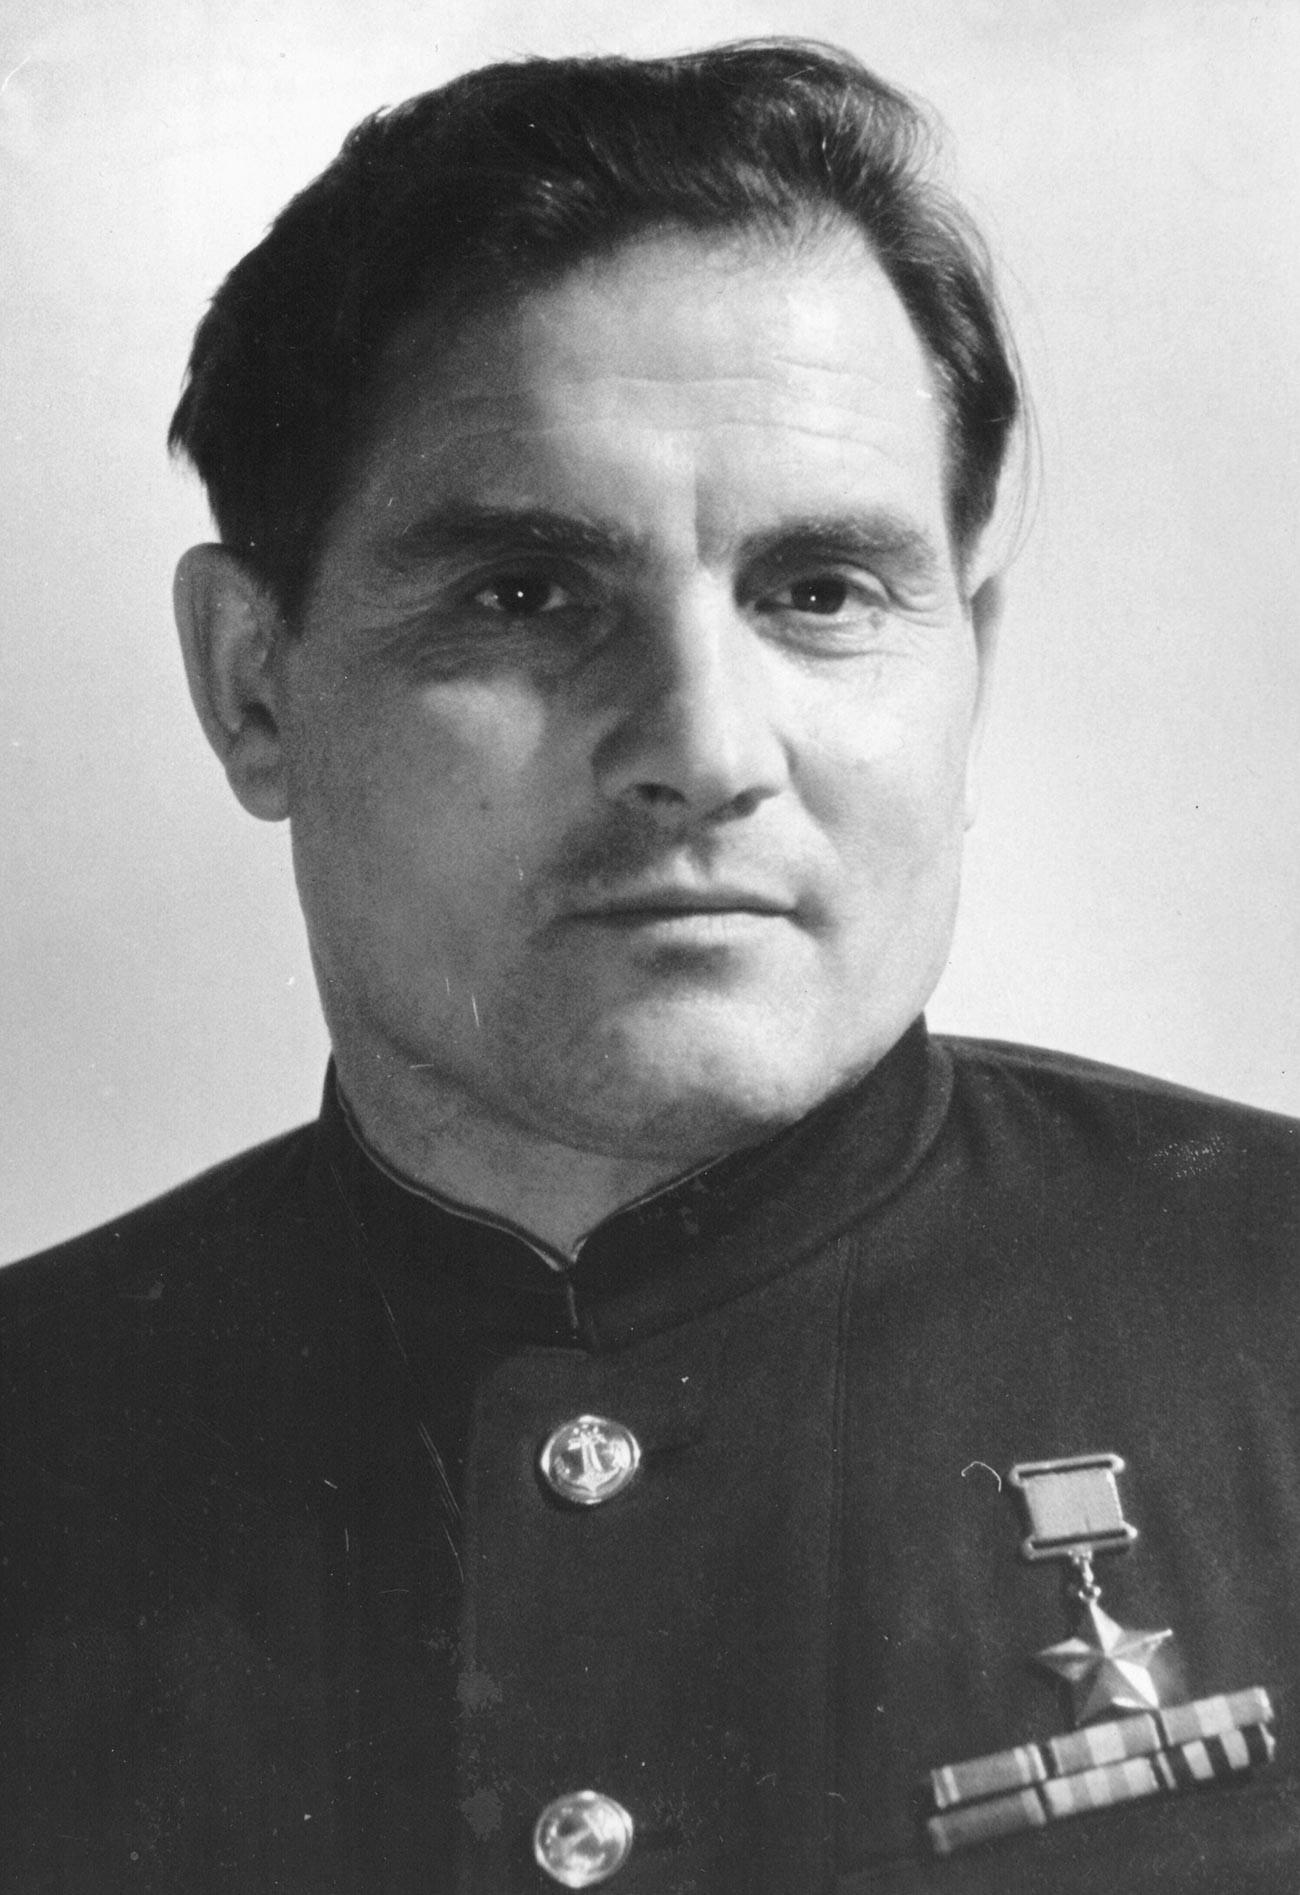 Mijaíl Deviatáiev